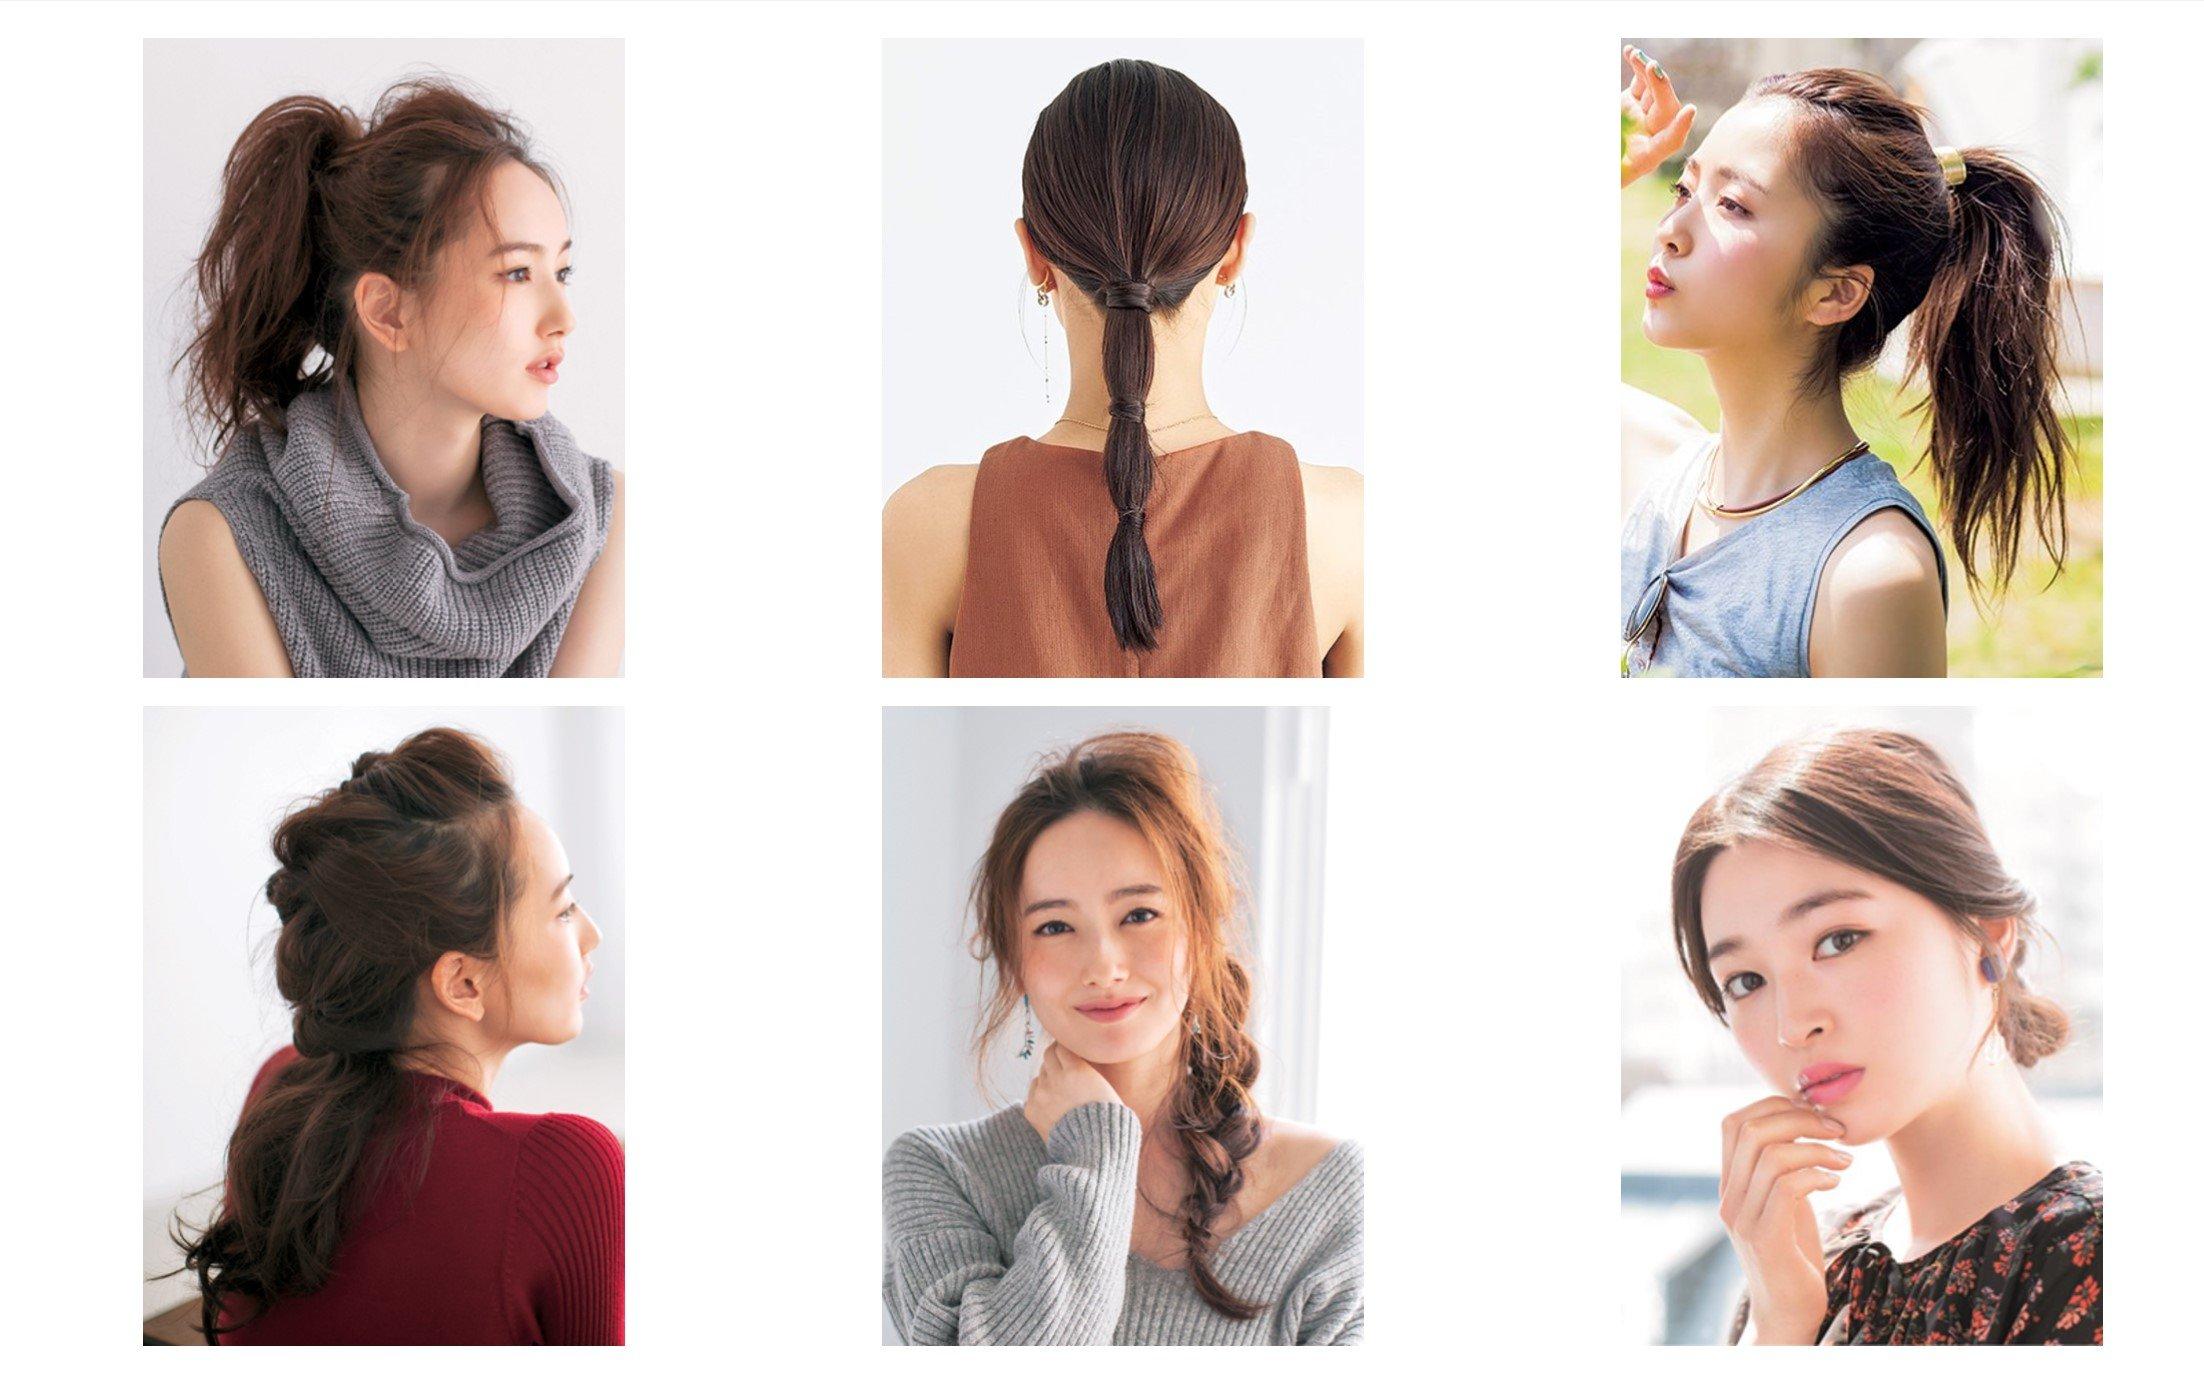 ロング ヘア アレンジ 前髪 なし 簡単ロングヘアアレンジ14選|まとめ髪からエレガントに決まるハーフアップ、前髪なしスタイルもご紹介